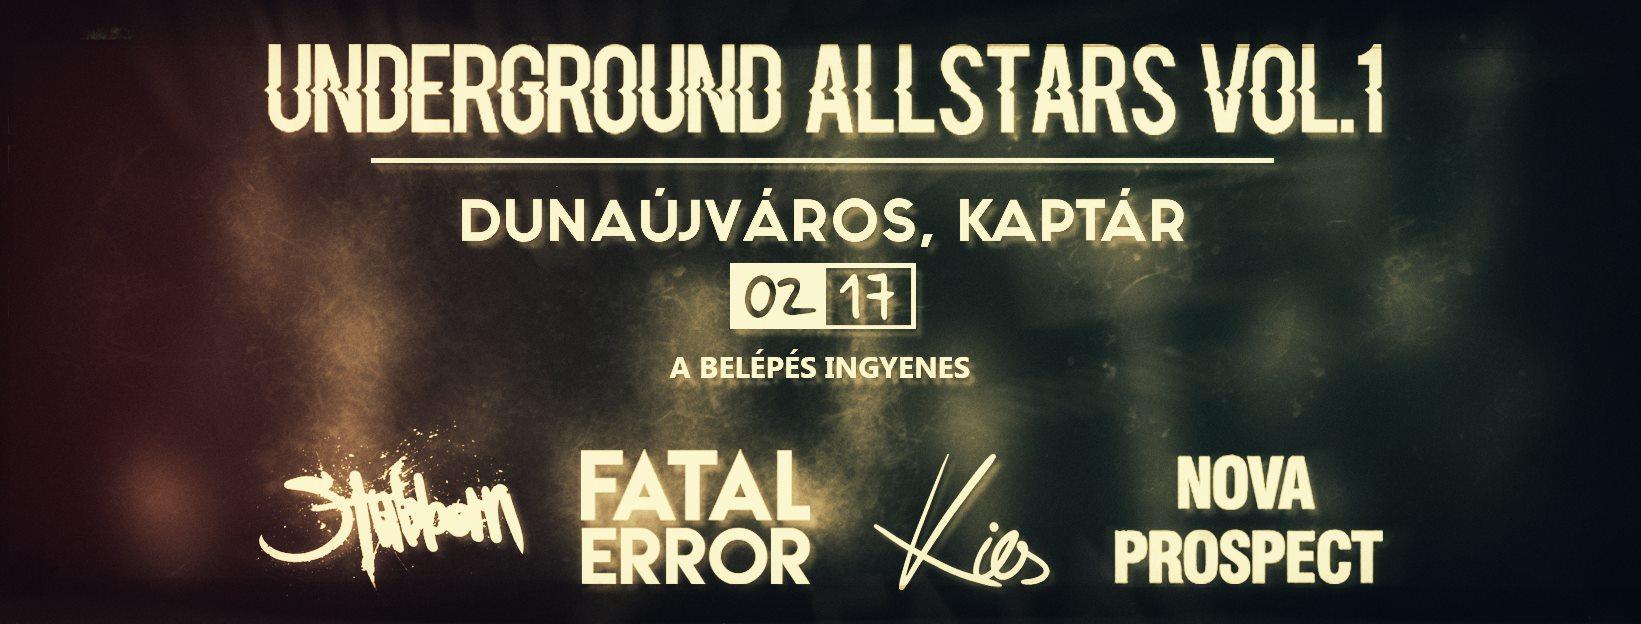 Underground Allstars Vol. 1.